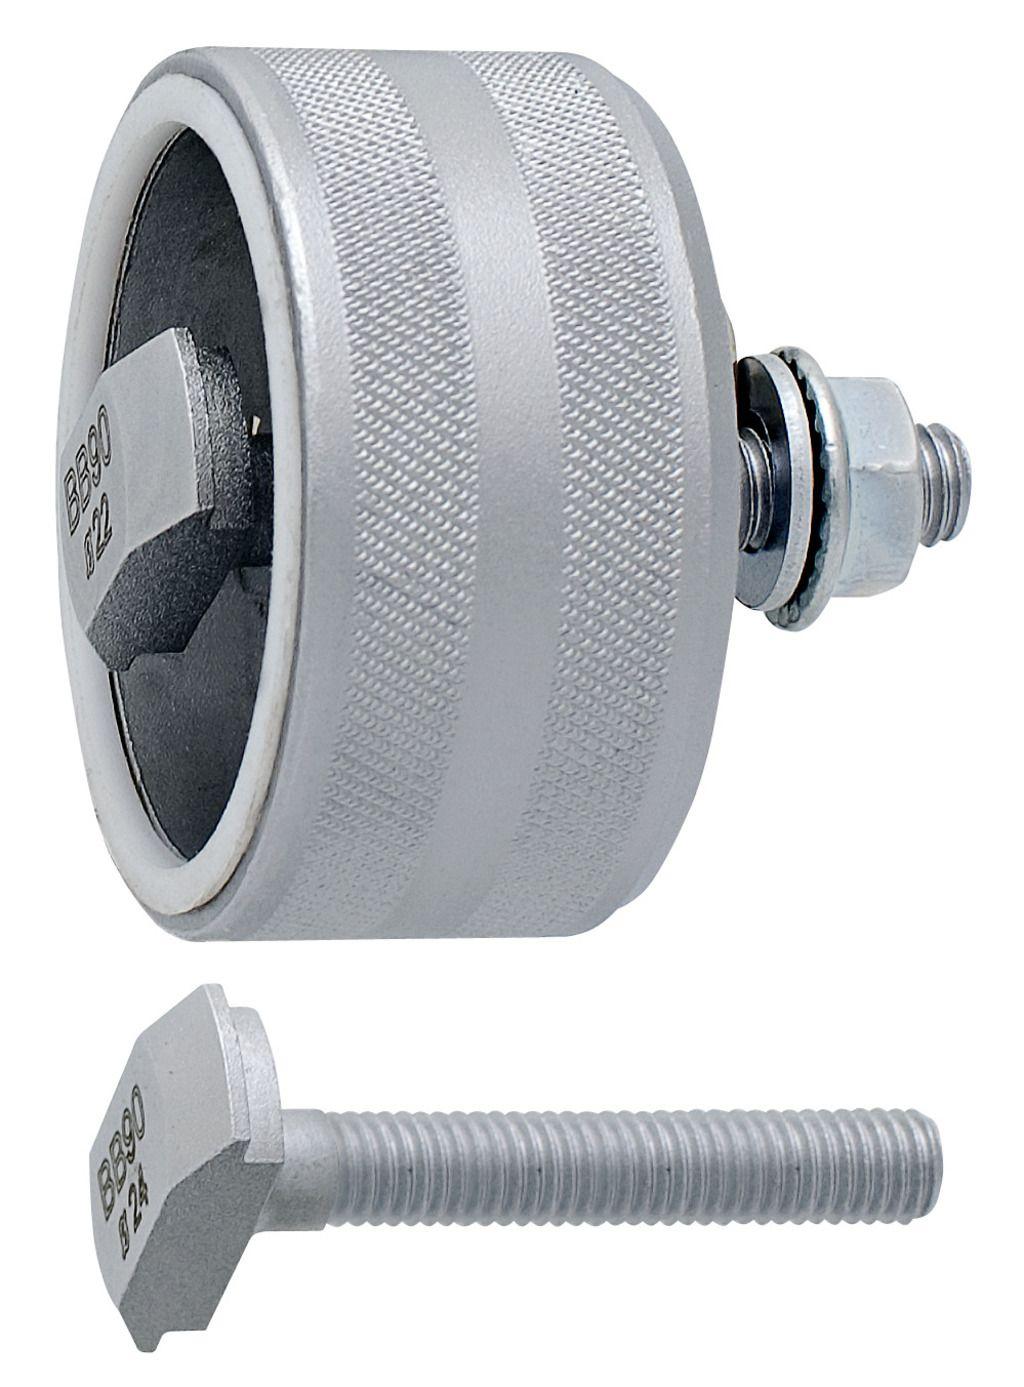 Unior Tool For Removing Bottom Bracket Bb90 1625/2bb90 | Krankbokse